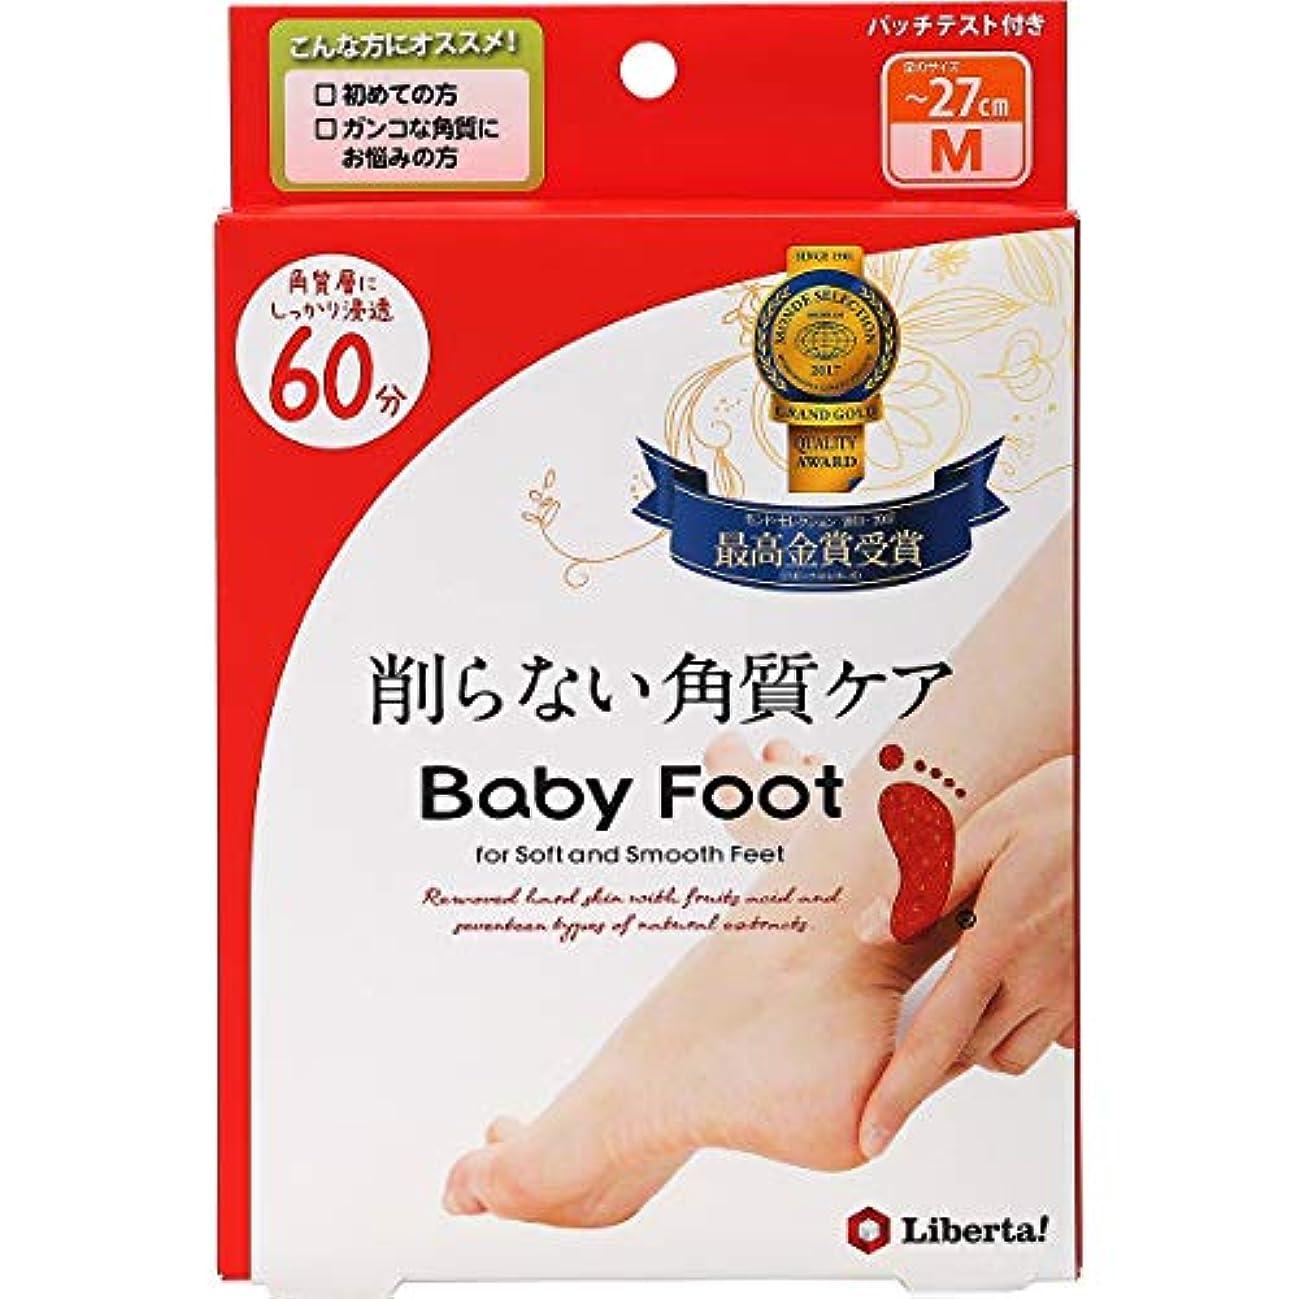 周術期速記レーザベビーフット (Baby Foot) ベビーフット イージーパック SPT60分タイプ Mサイズ 単品